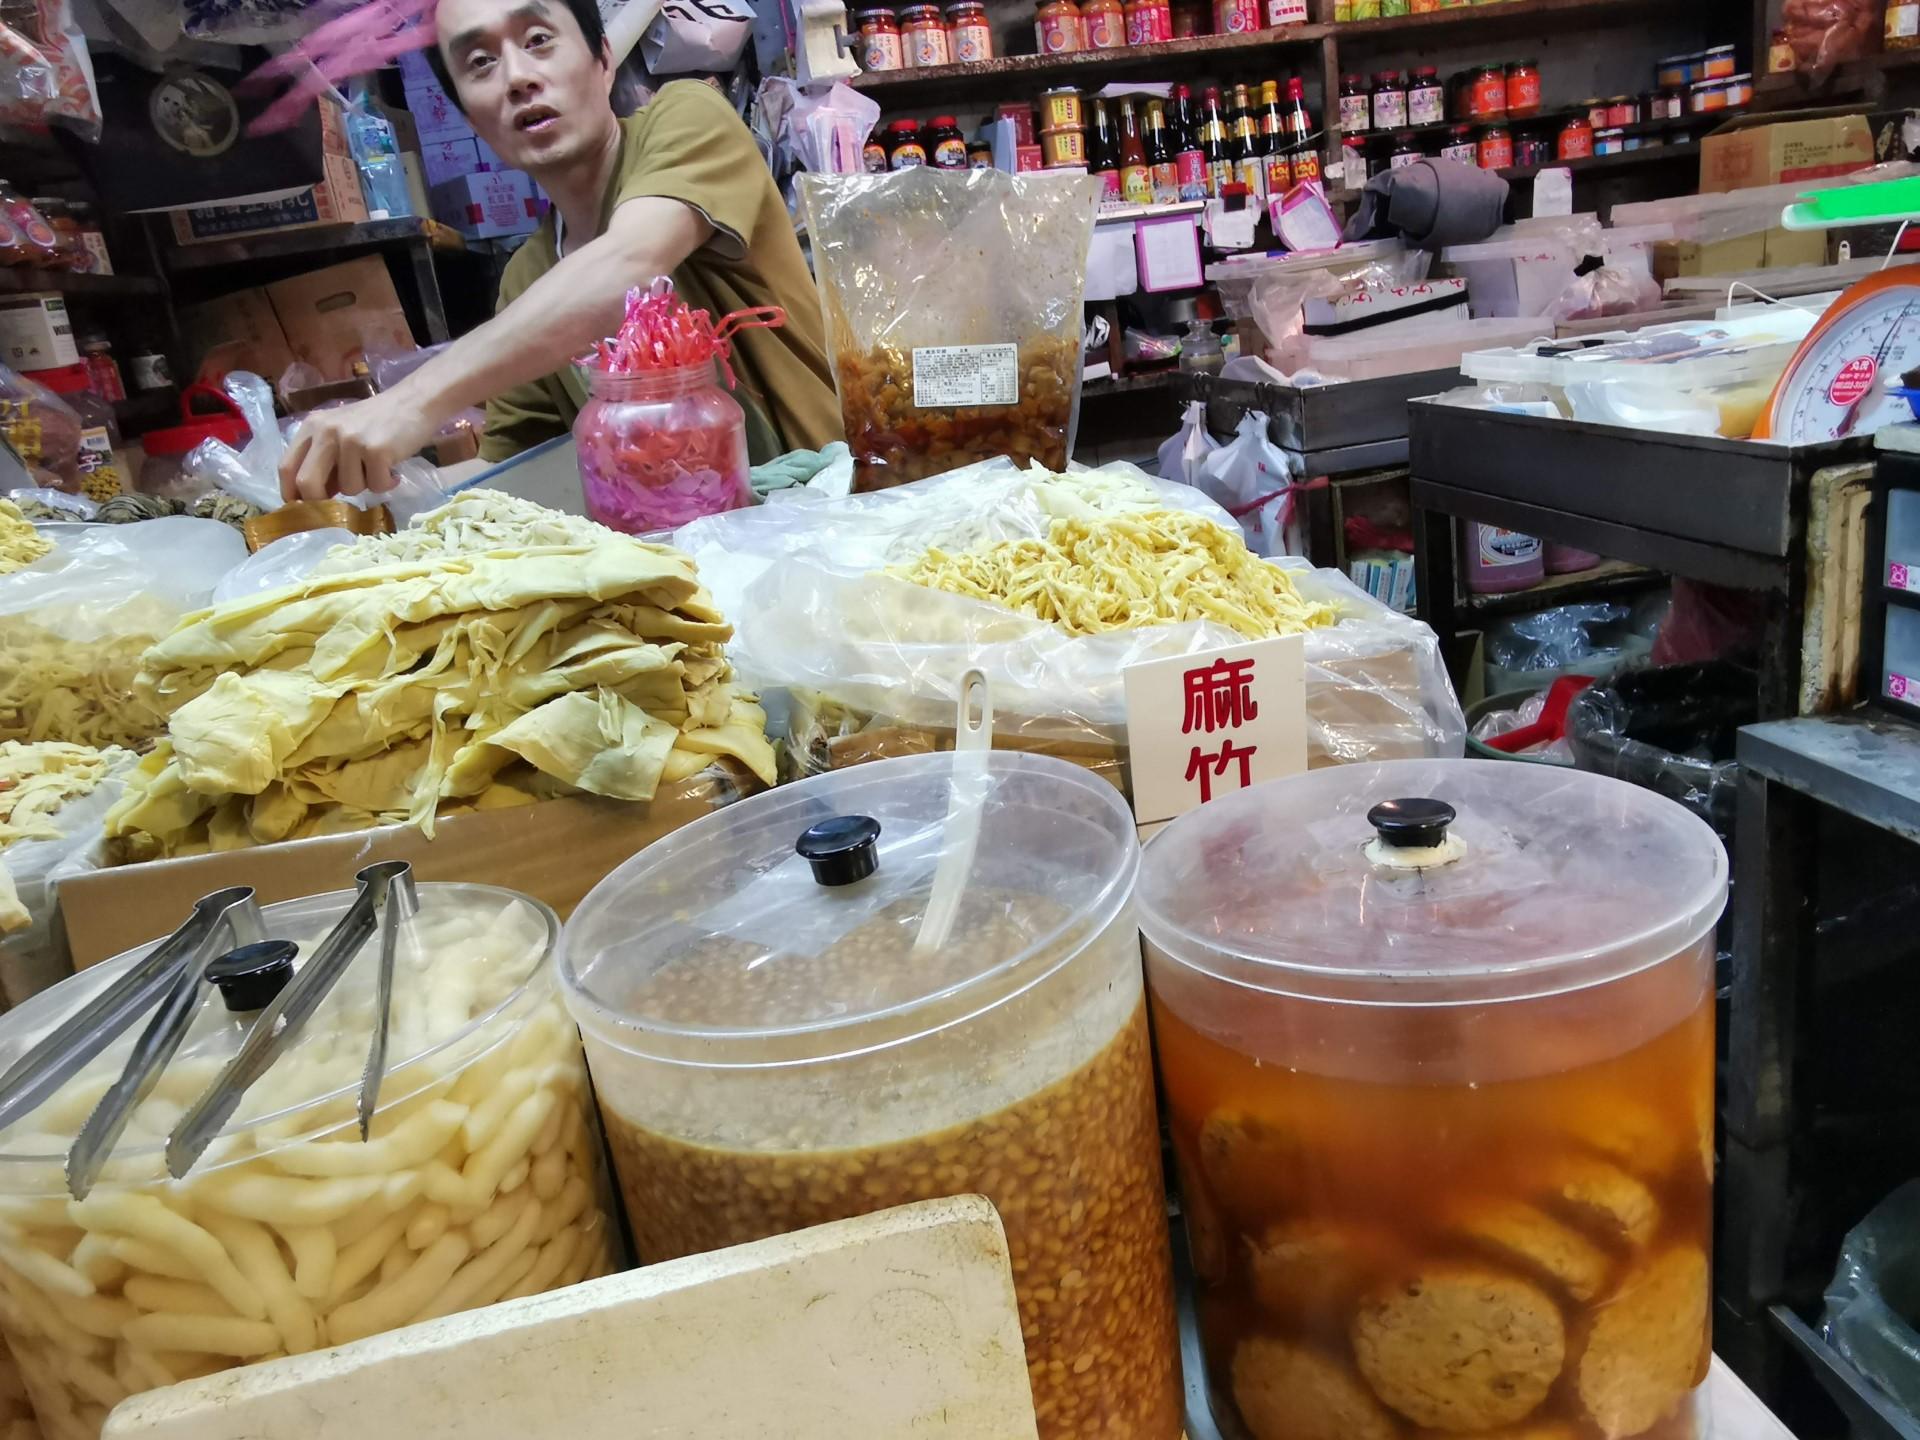 吳氏醬菜-黃金菜脯,中間的已打開之真空包裝就是5斤裝的黃金菜脯